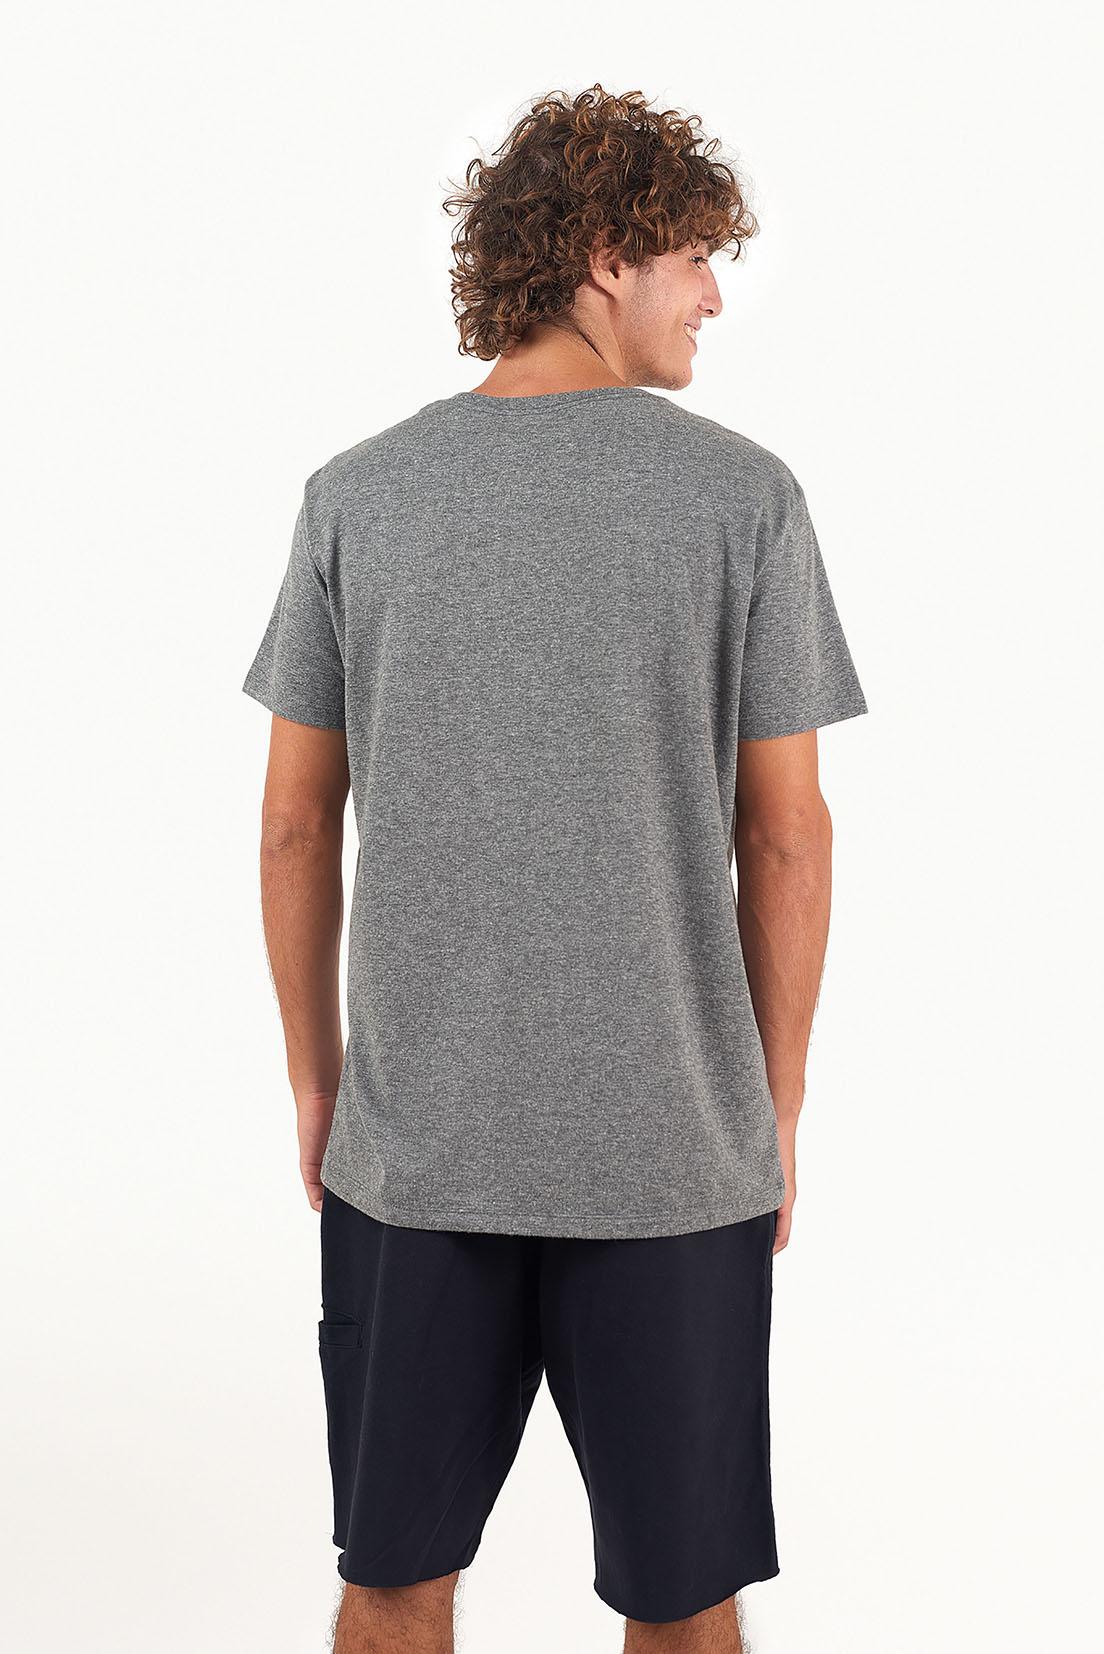 T-shirt Daisy melty